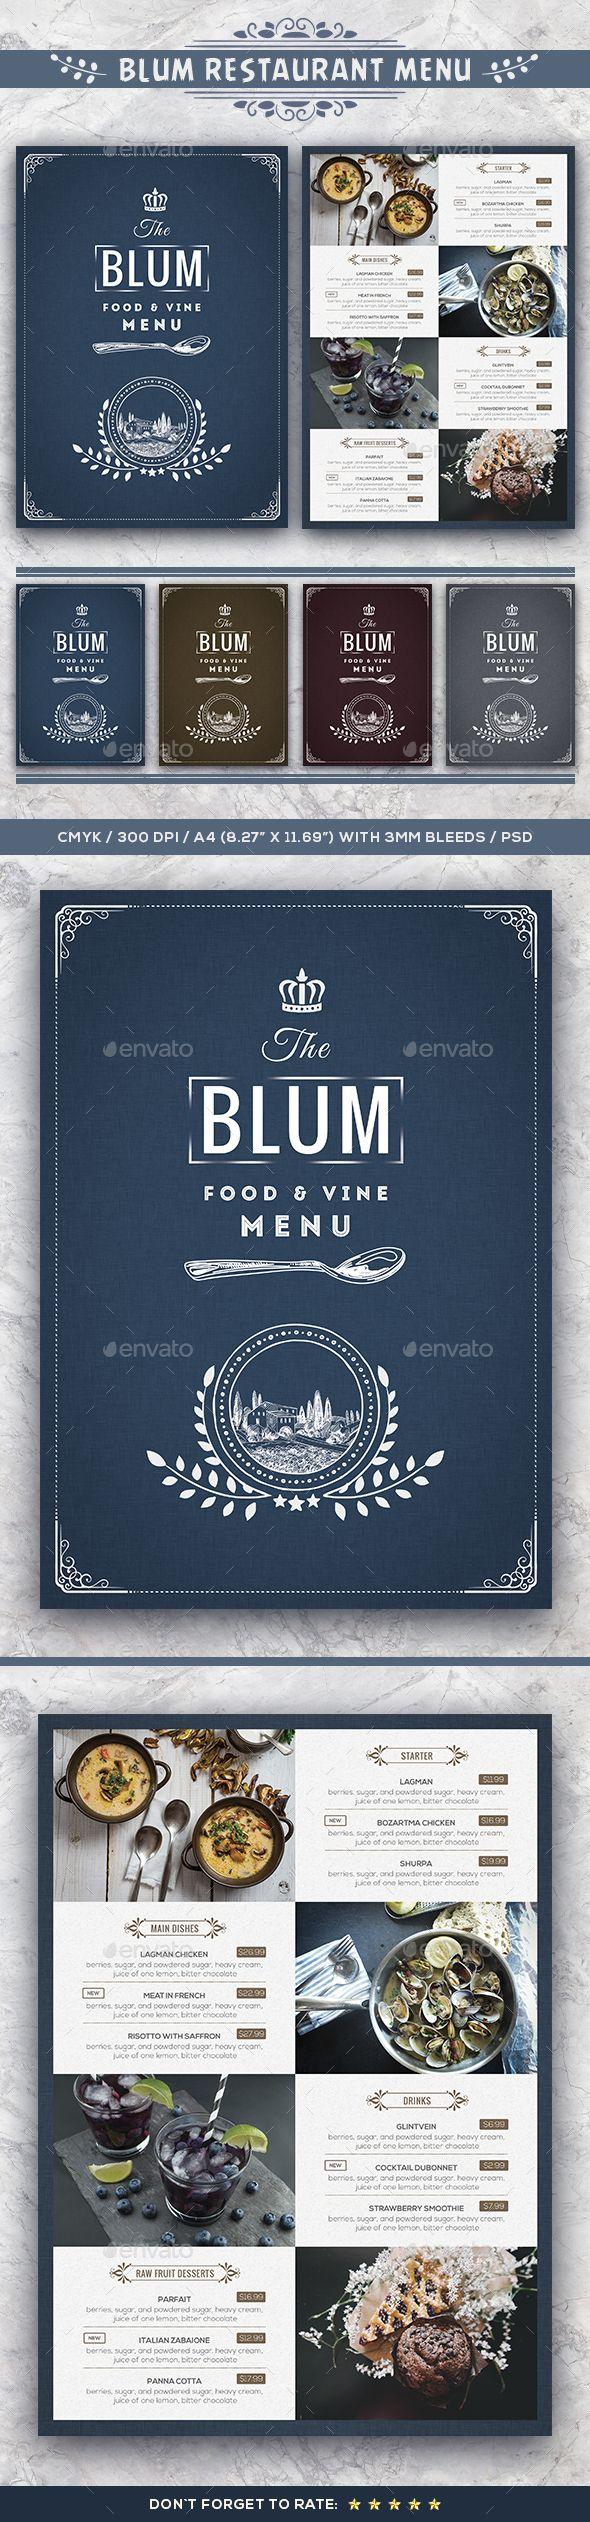 Blum Restaurant Menu | Bewerbung design, Bewerbung und Grafikdesign